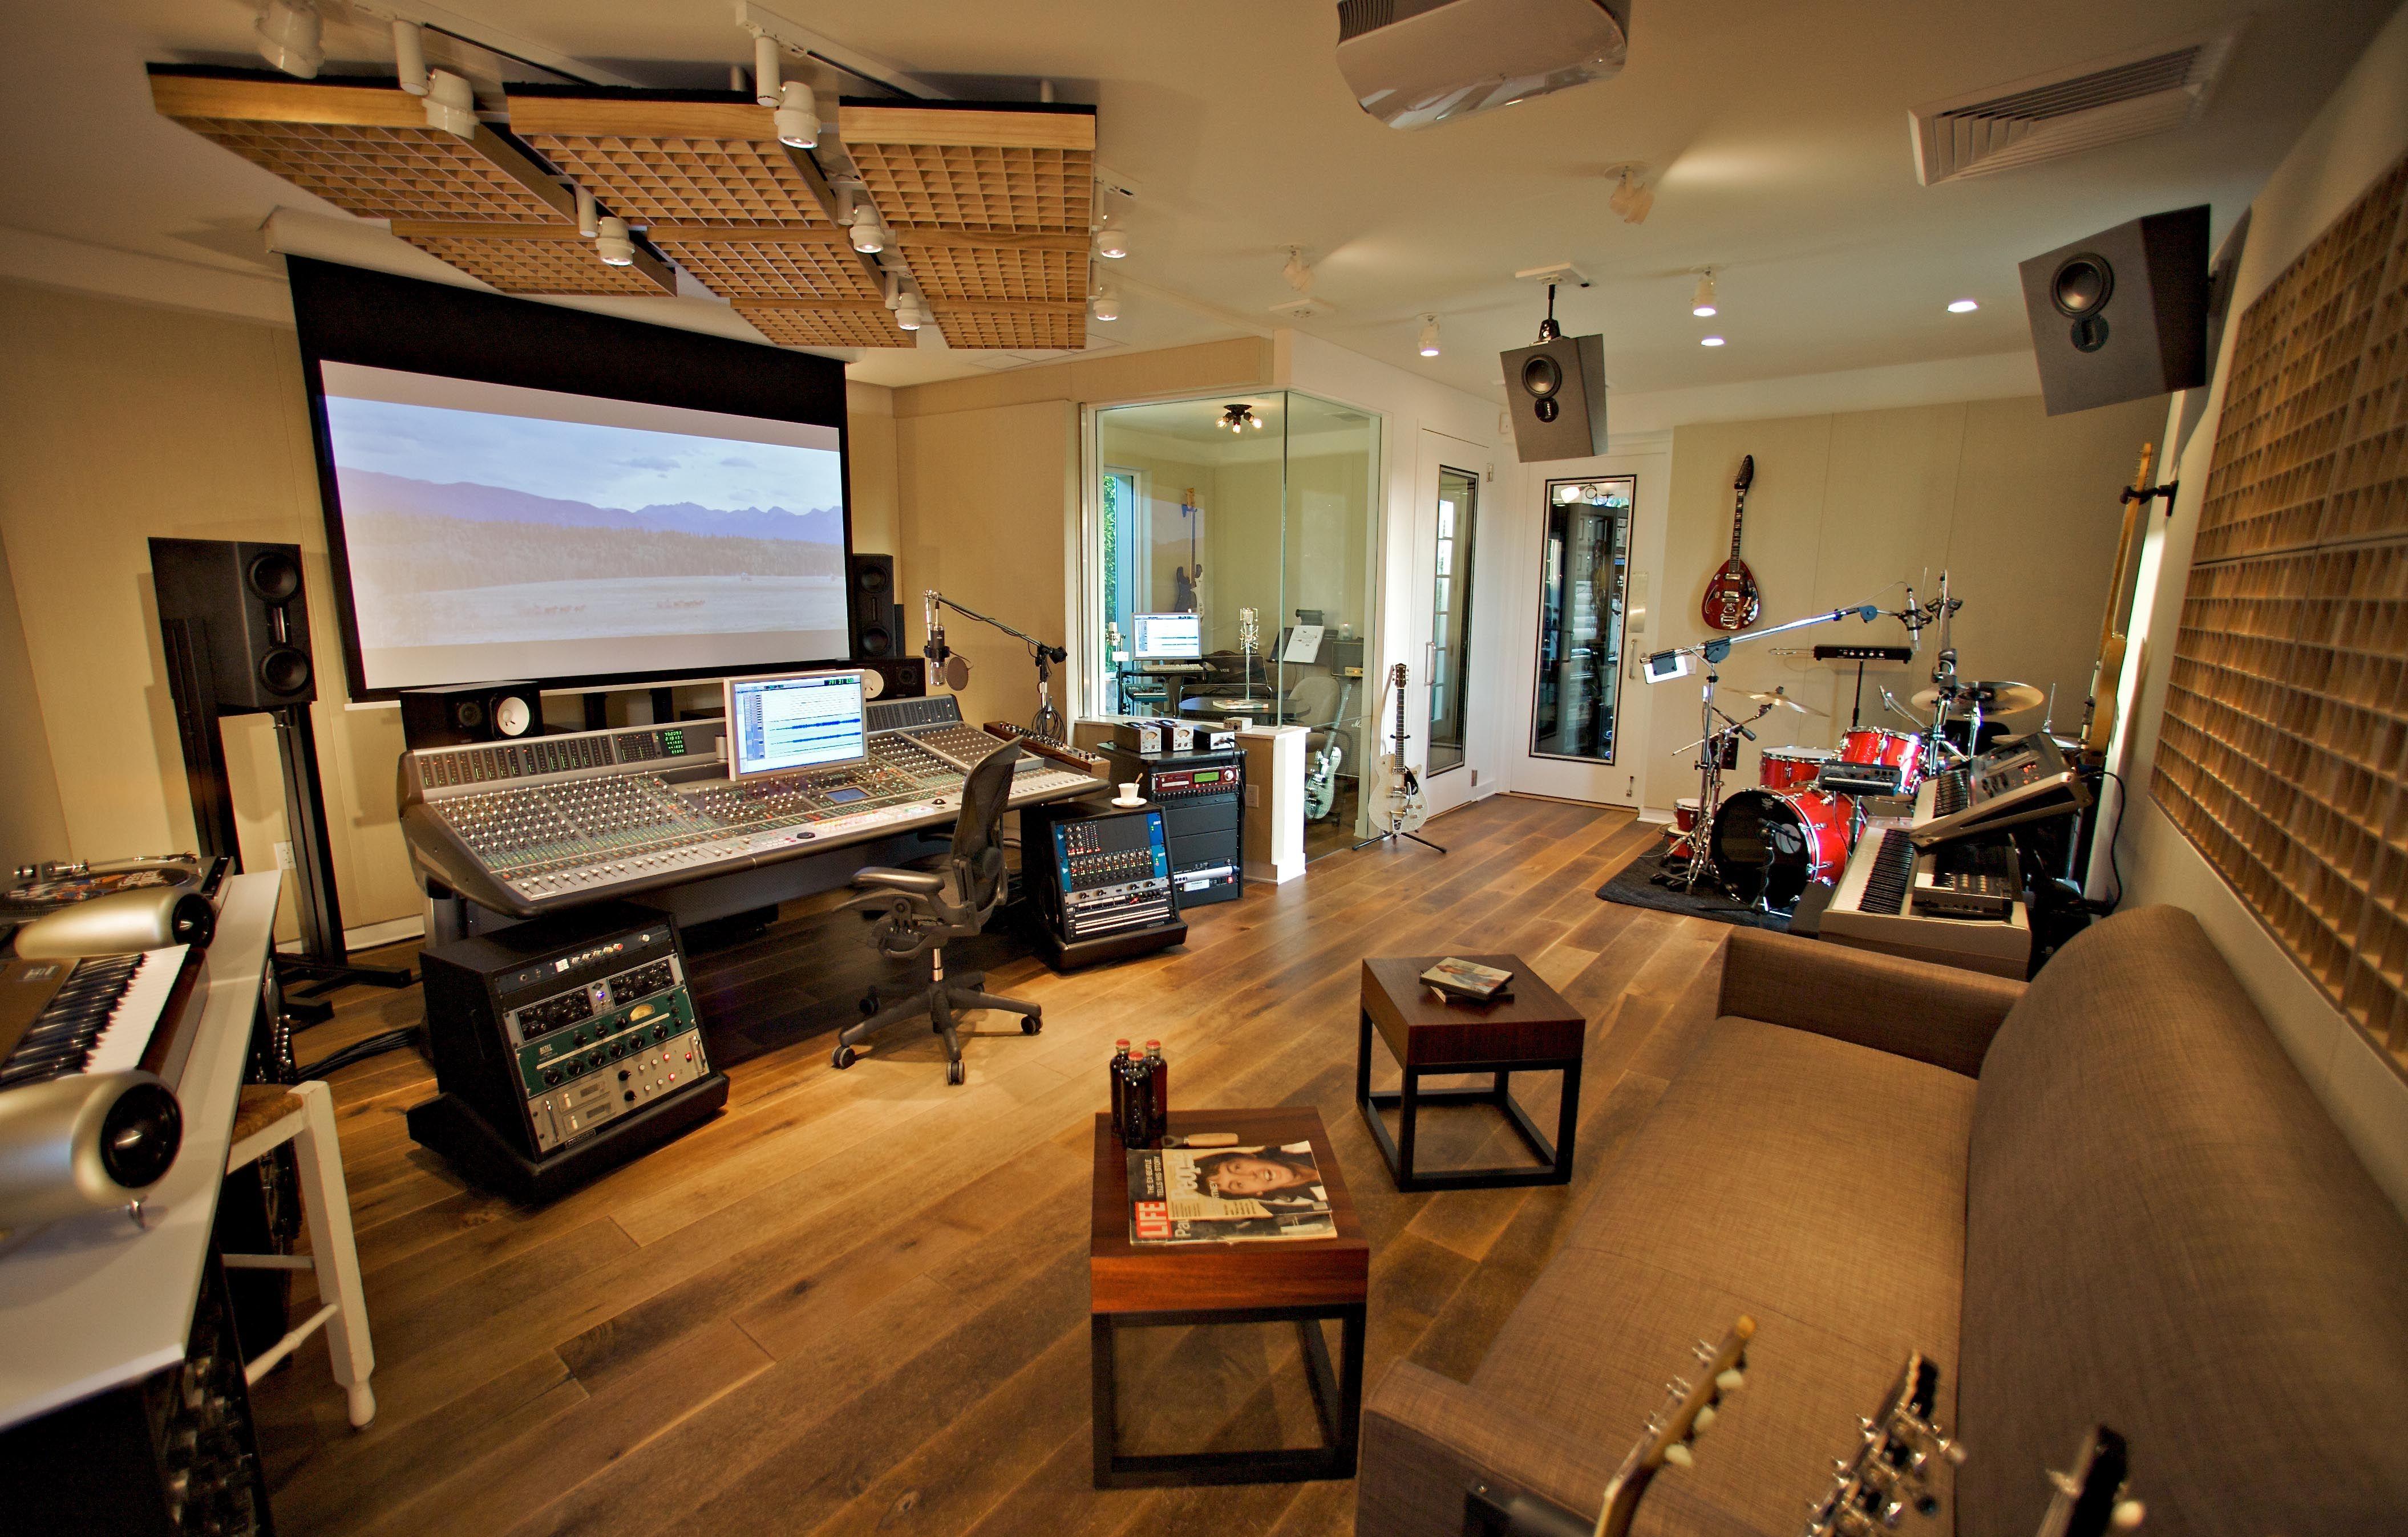 Stanza Studio In Casa radiobu (con immagini) | interni, studio di registrazione